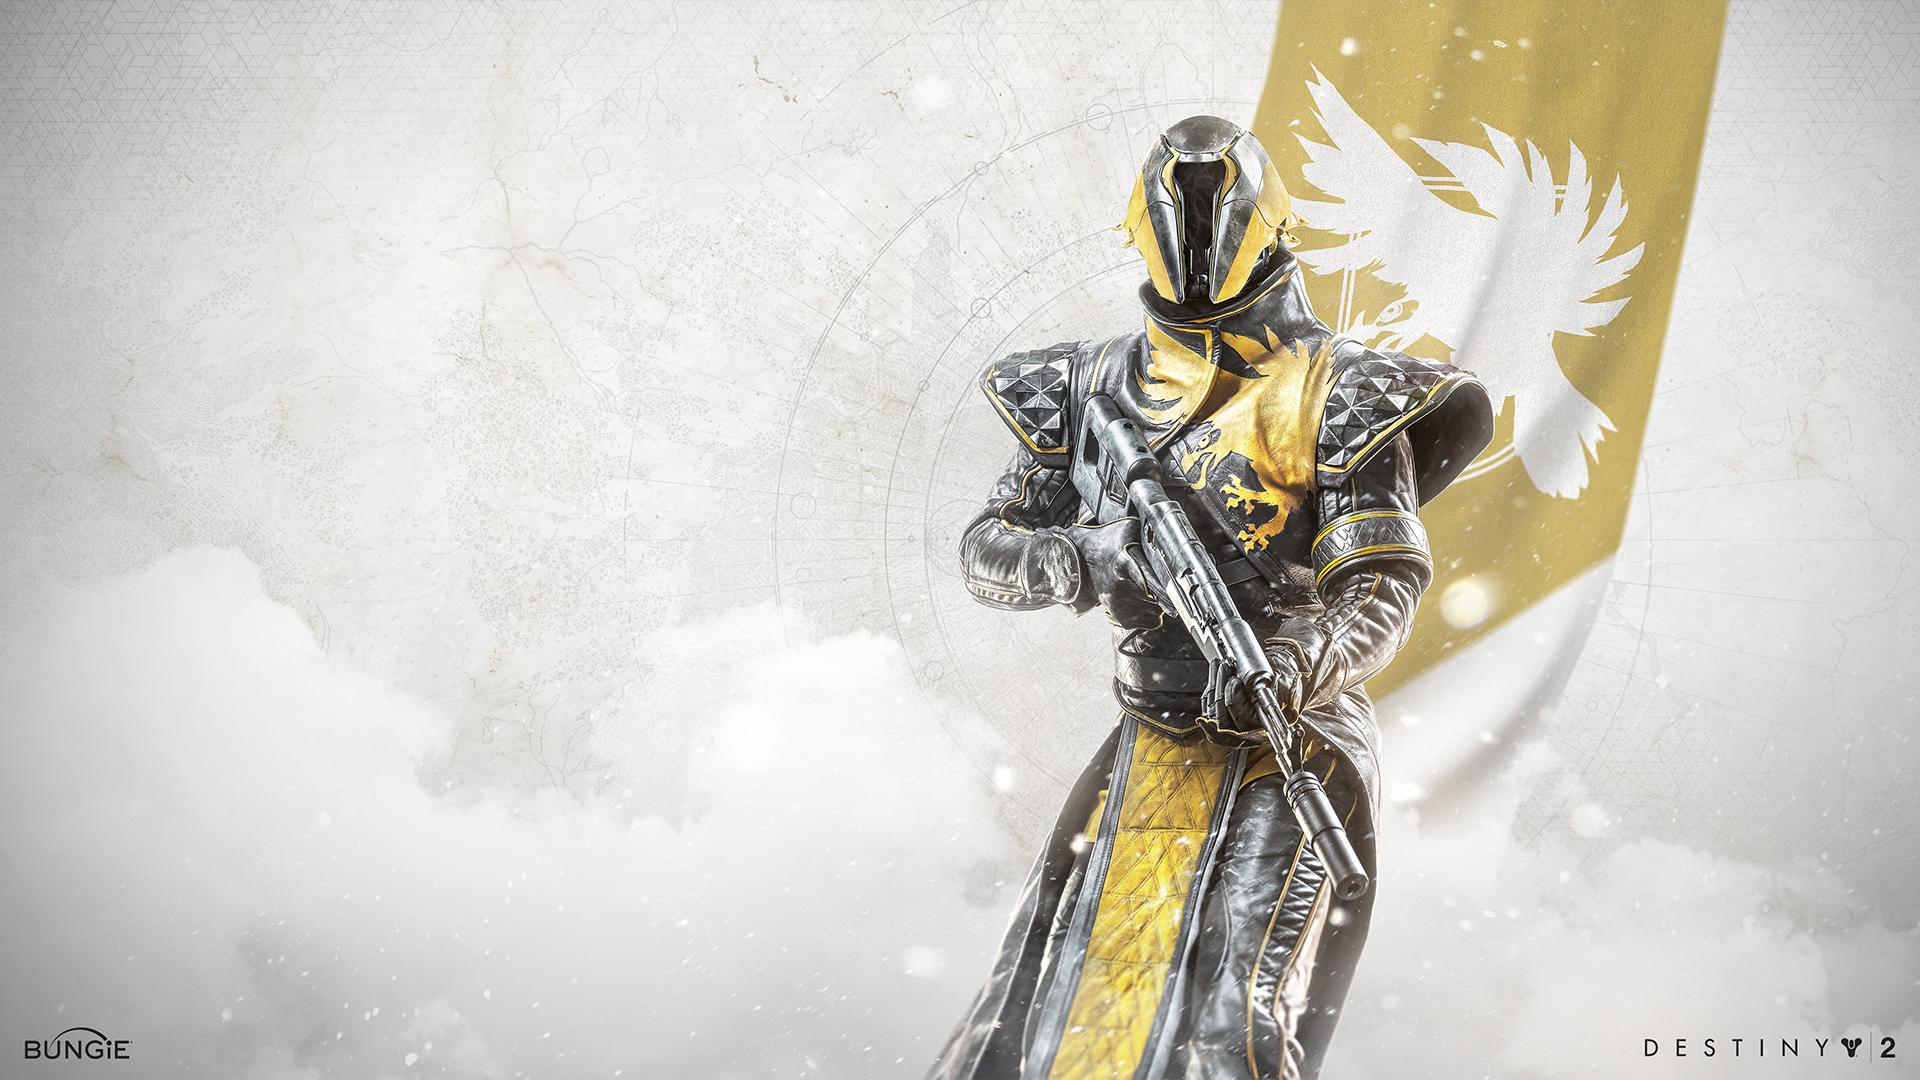 Destiny 2: Warlocks werfen zu viele Granaten – Exploit in der Beta